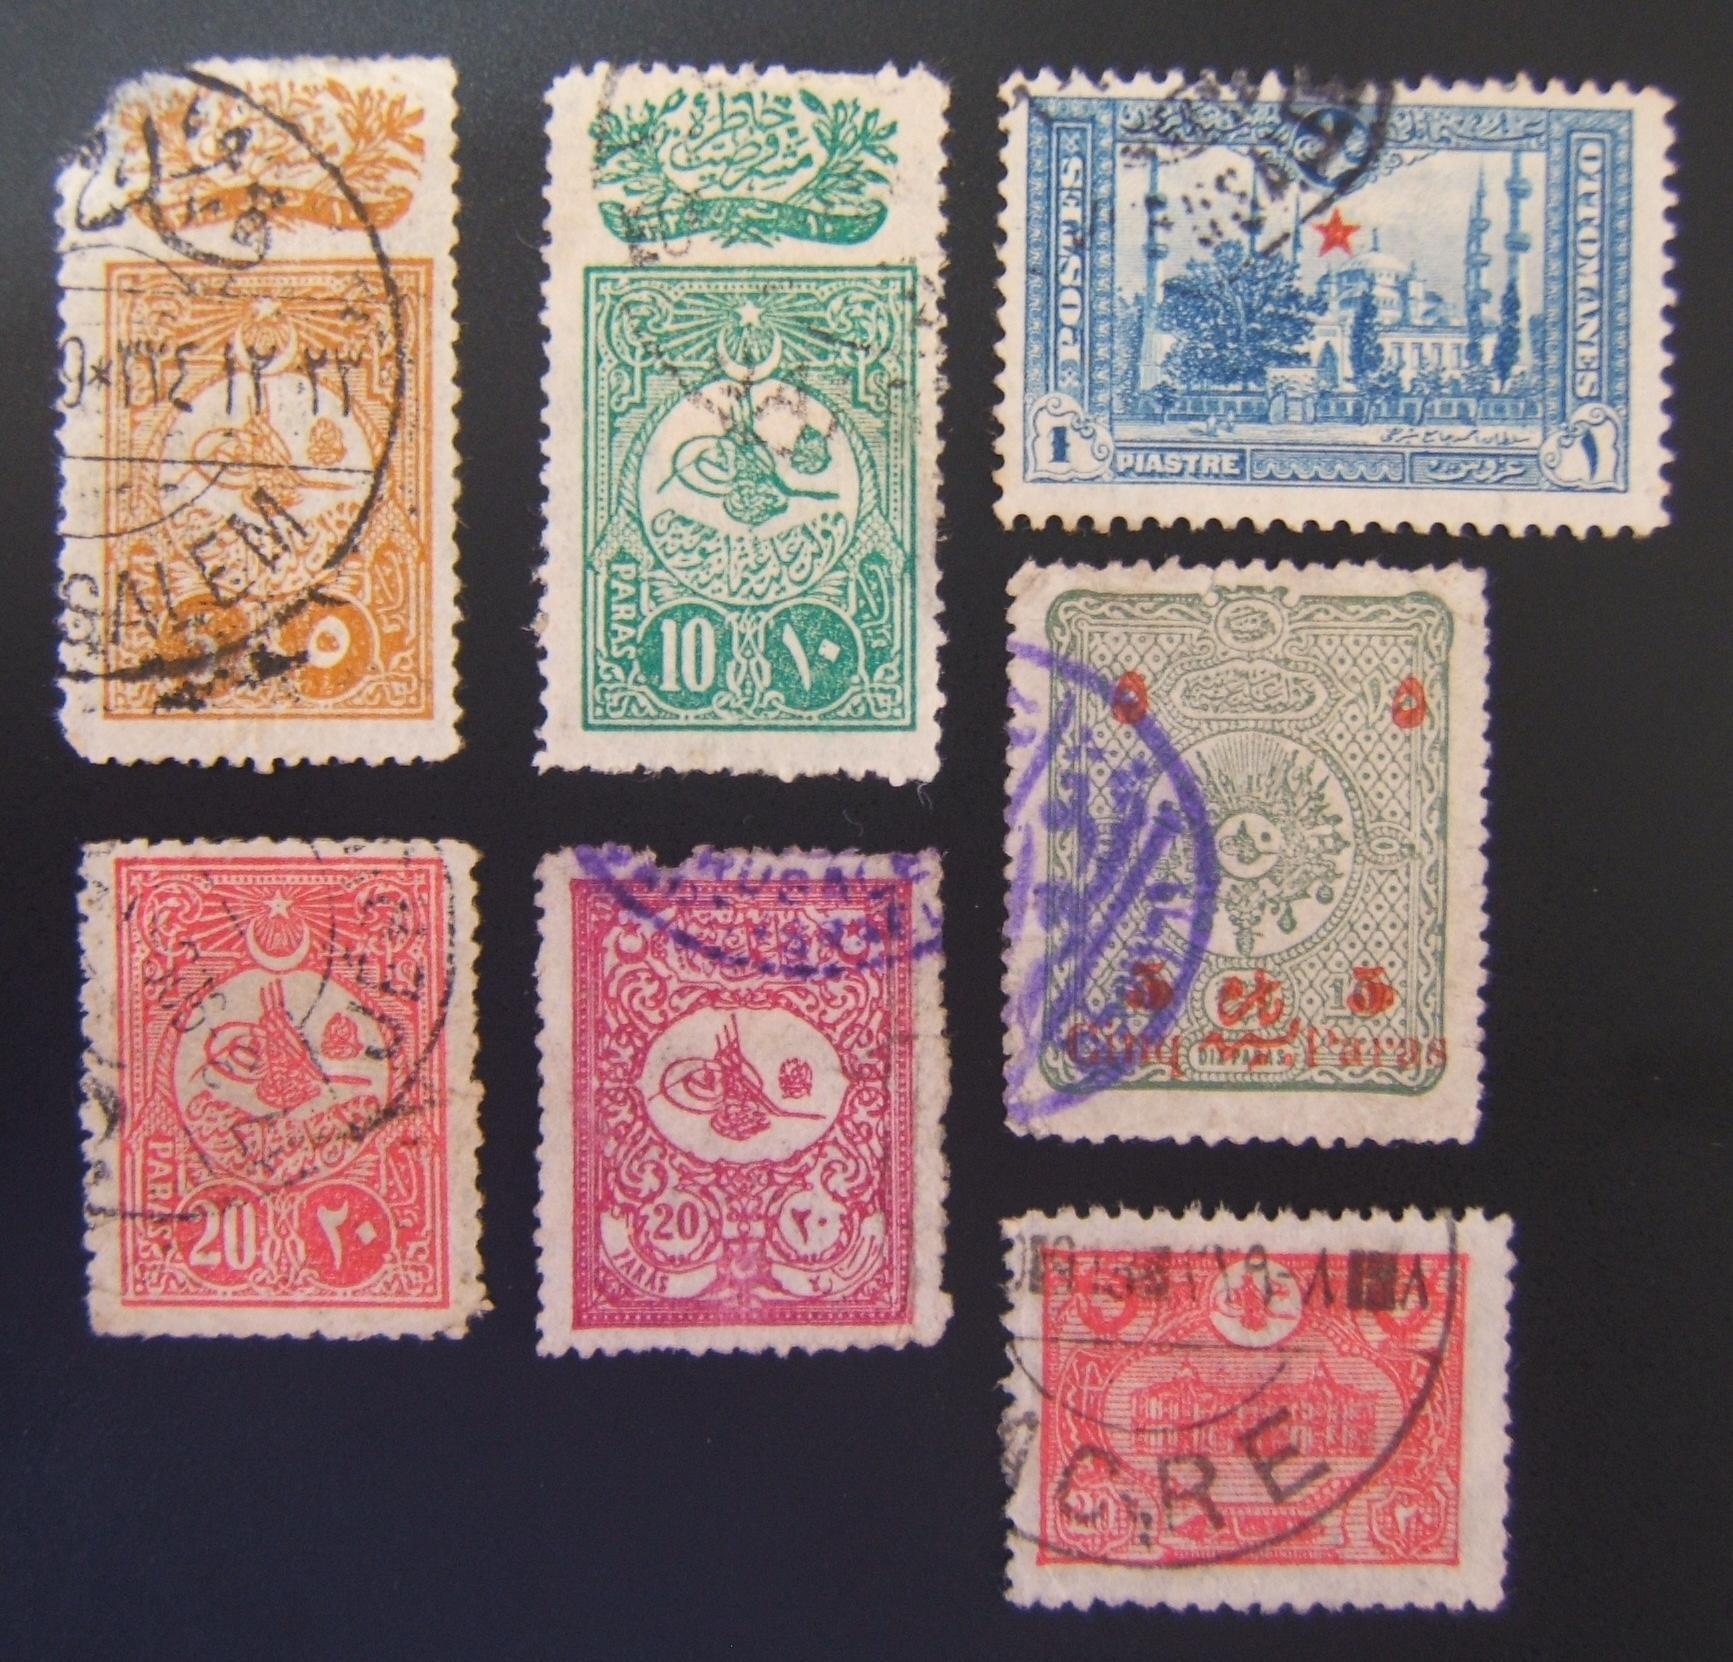 Osmanische Heiliges Land Postmarken, Menge: x7 Marken mit Jer. Jüd. Vier., Akko, Jaffa Postmarken